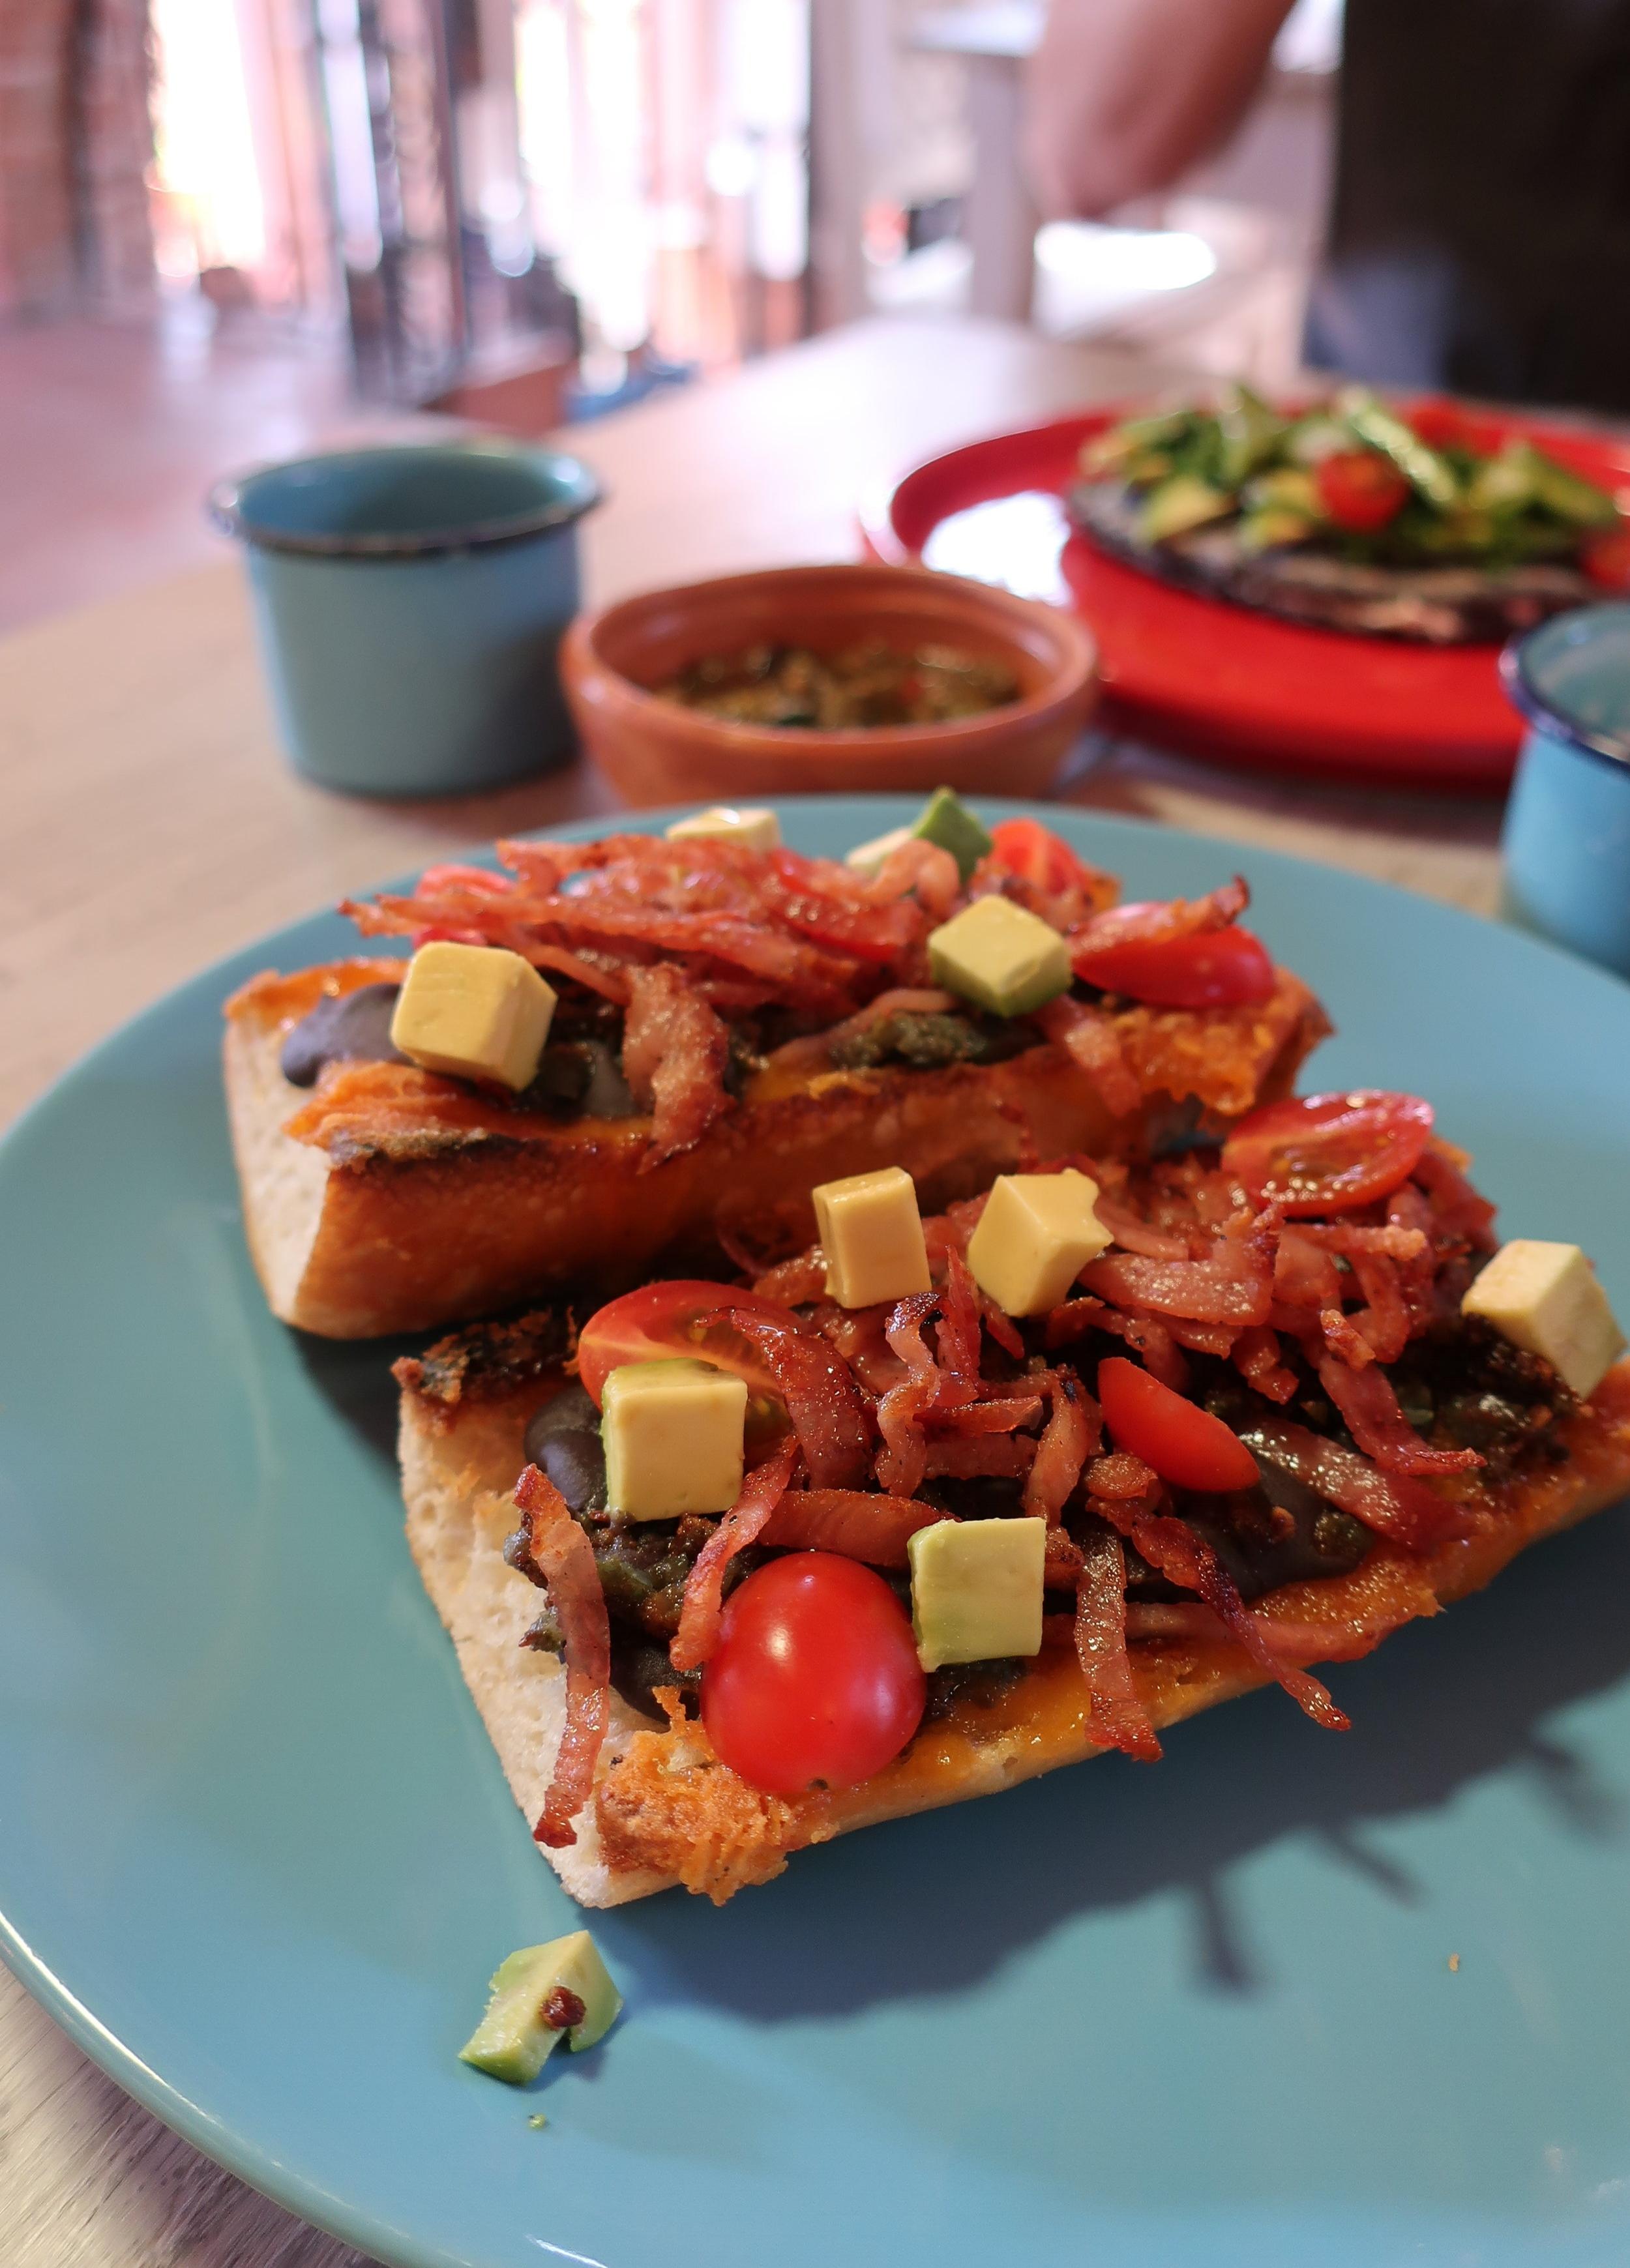 mollete for breakfast at nicasio comedor mexicano, san miguel de allende, mexico